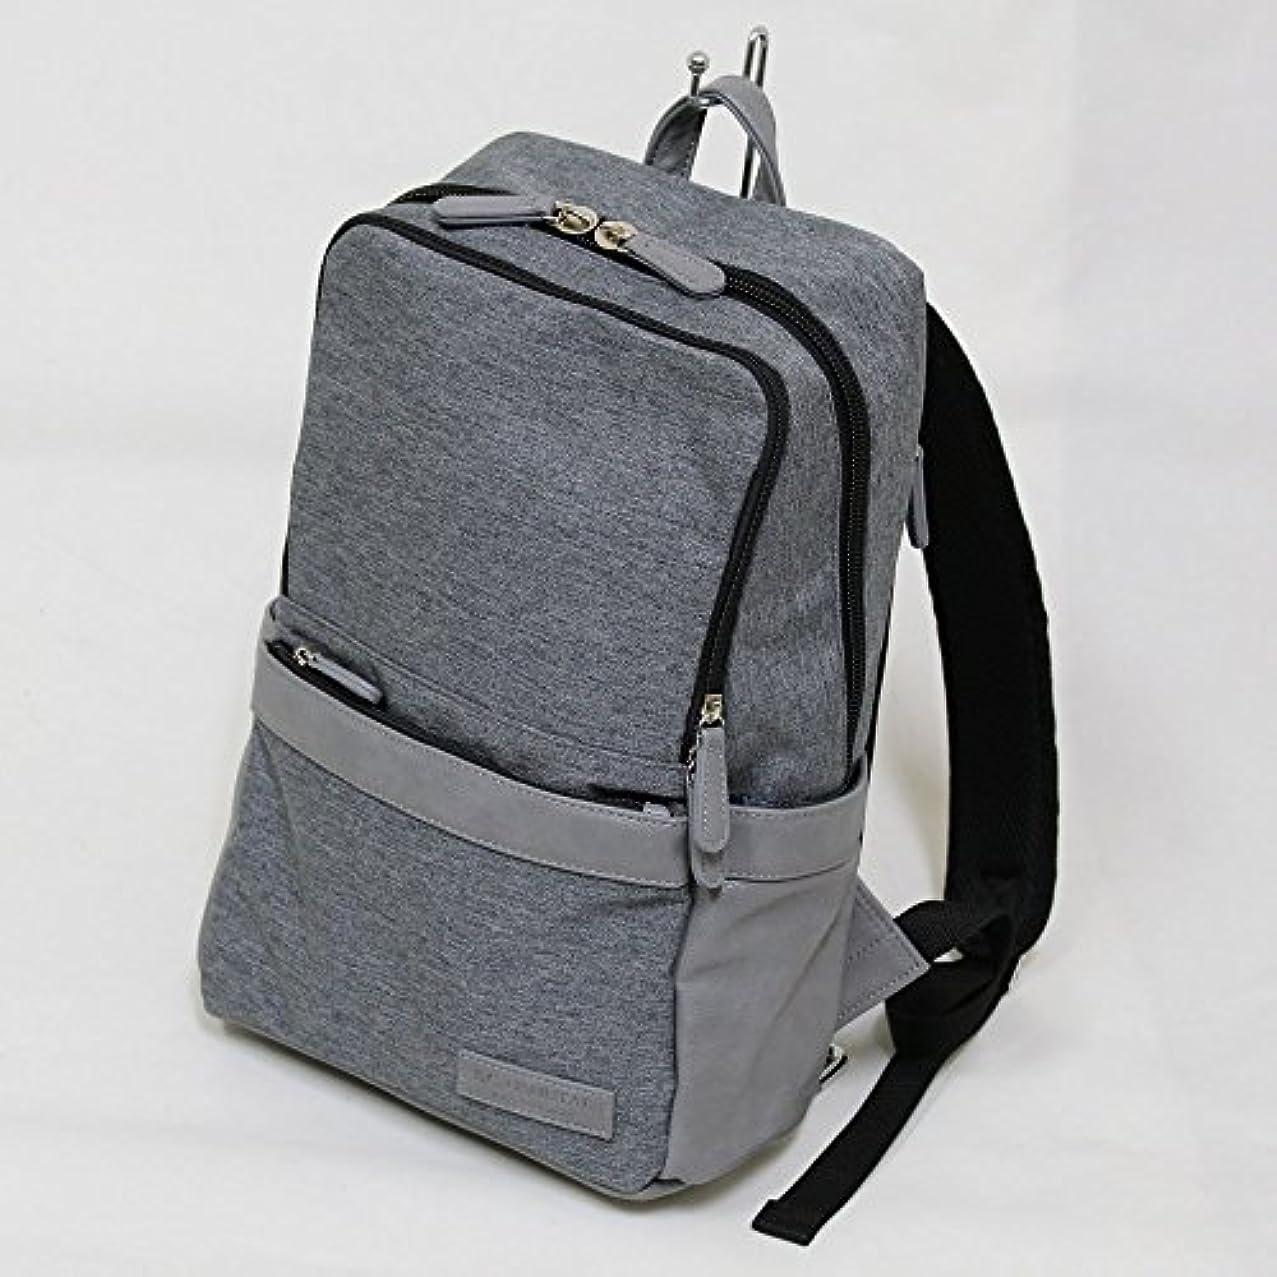 私のキュービック親十川鞄 B.C.+ISHUTAL イシュタル ネイサン デイパック リュックサック Sサイズ グレー INA-5907-GY